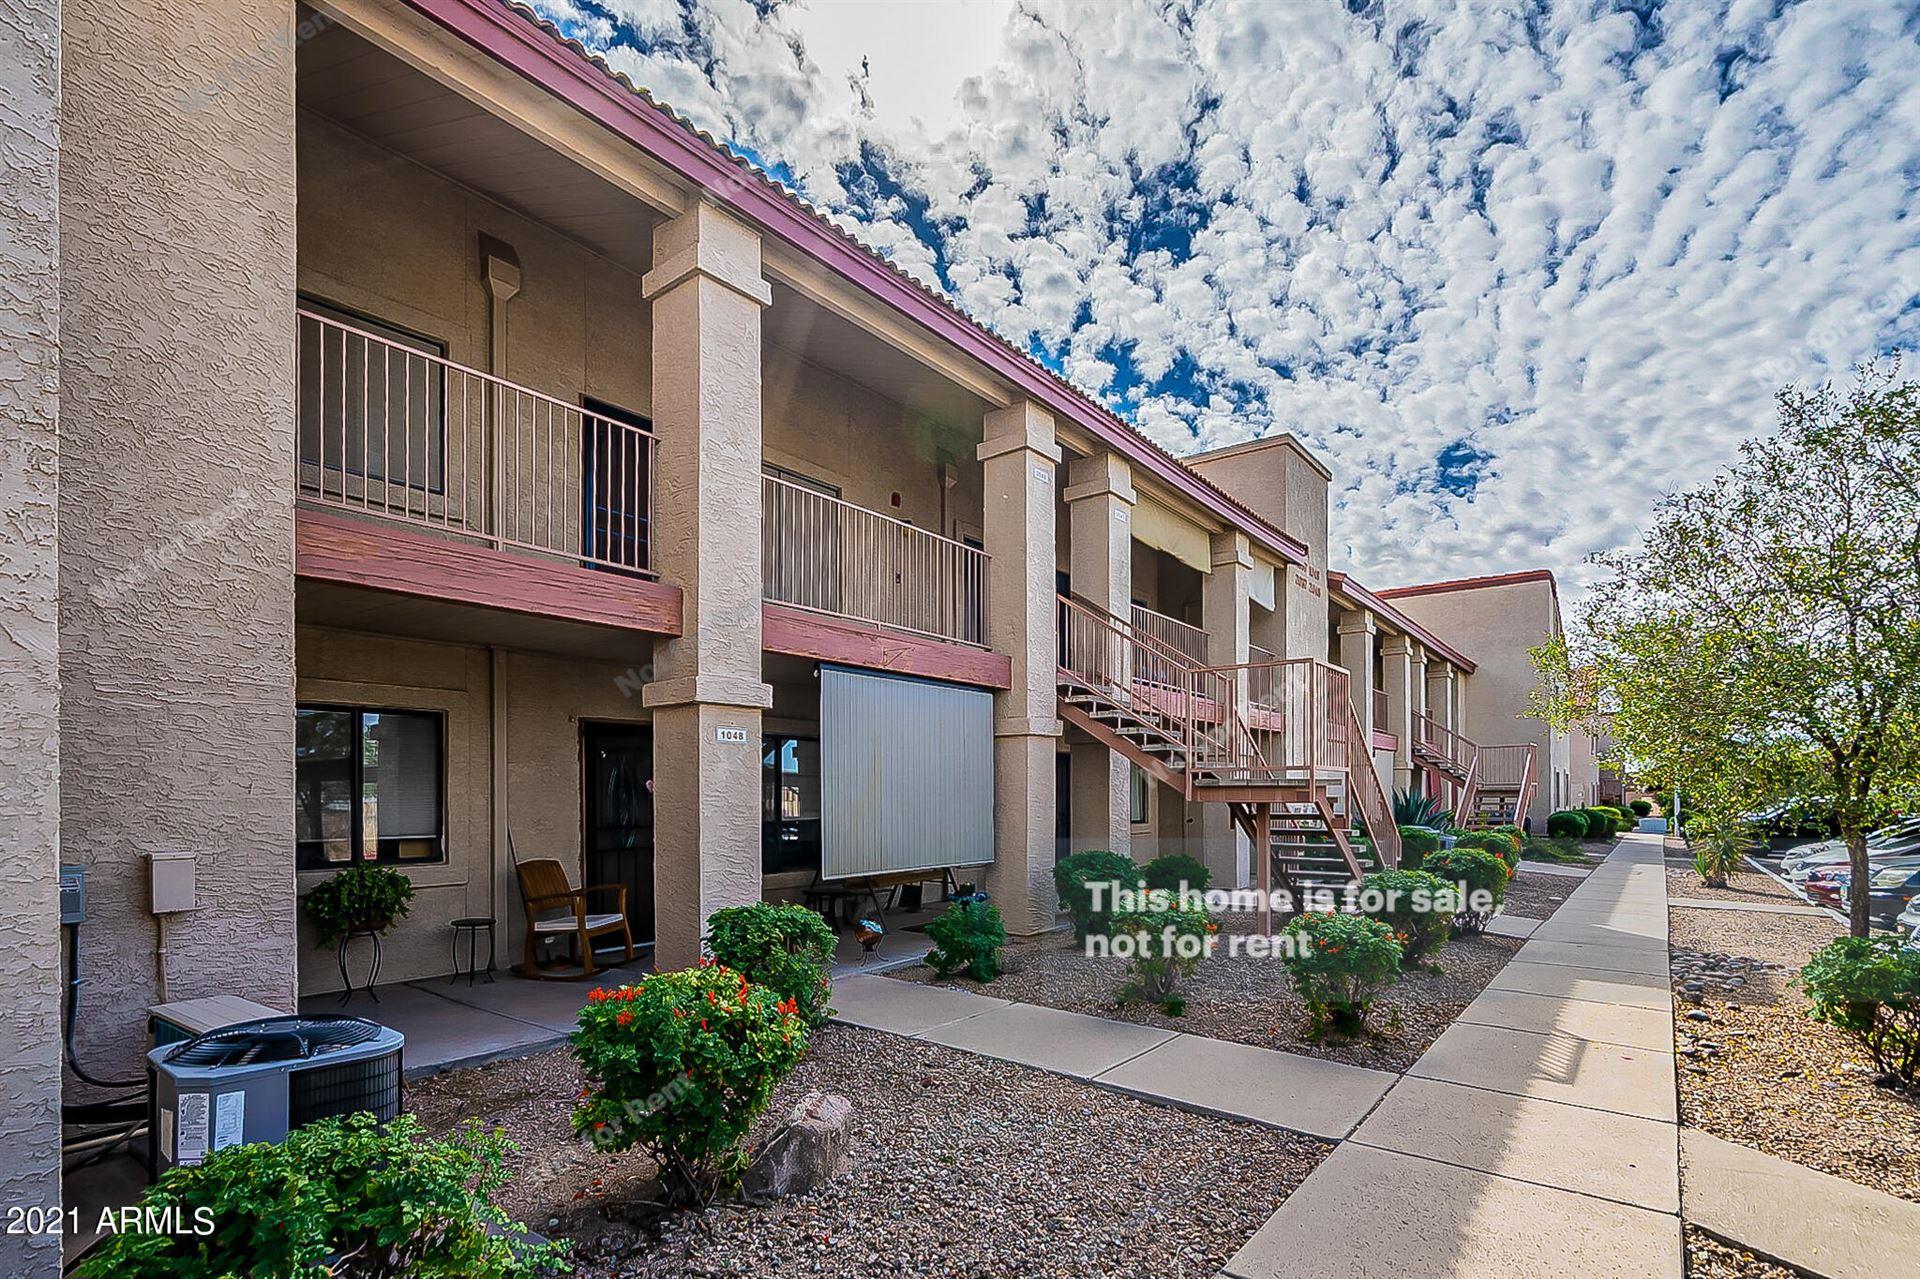 Photo of 1440 N IDAHO Road #2048, Apache Junction, AZ 85119 (MLS # 6306044)